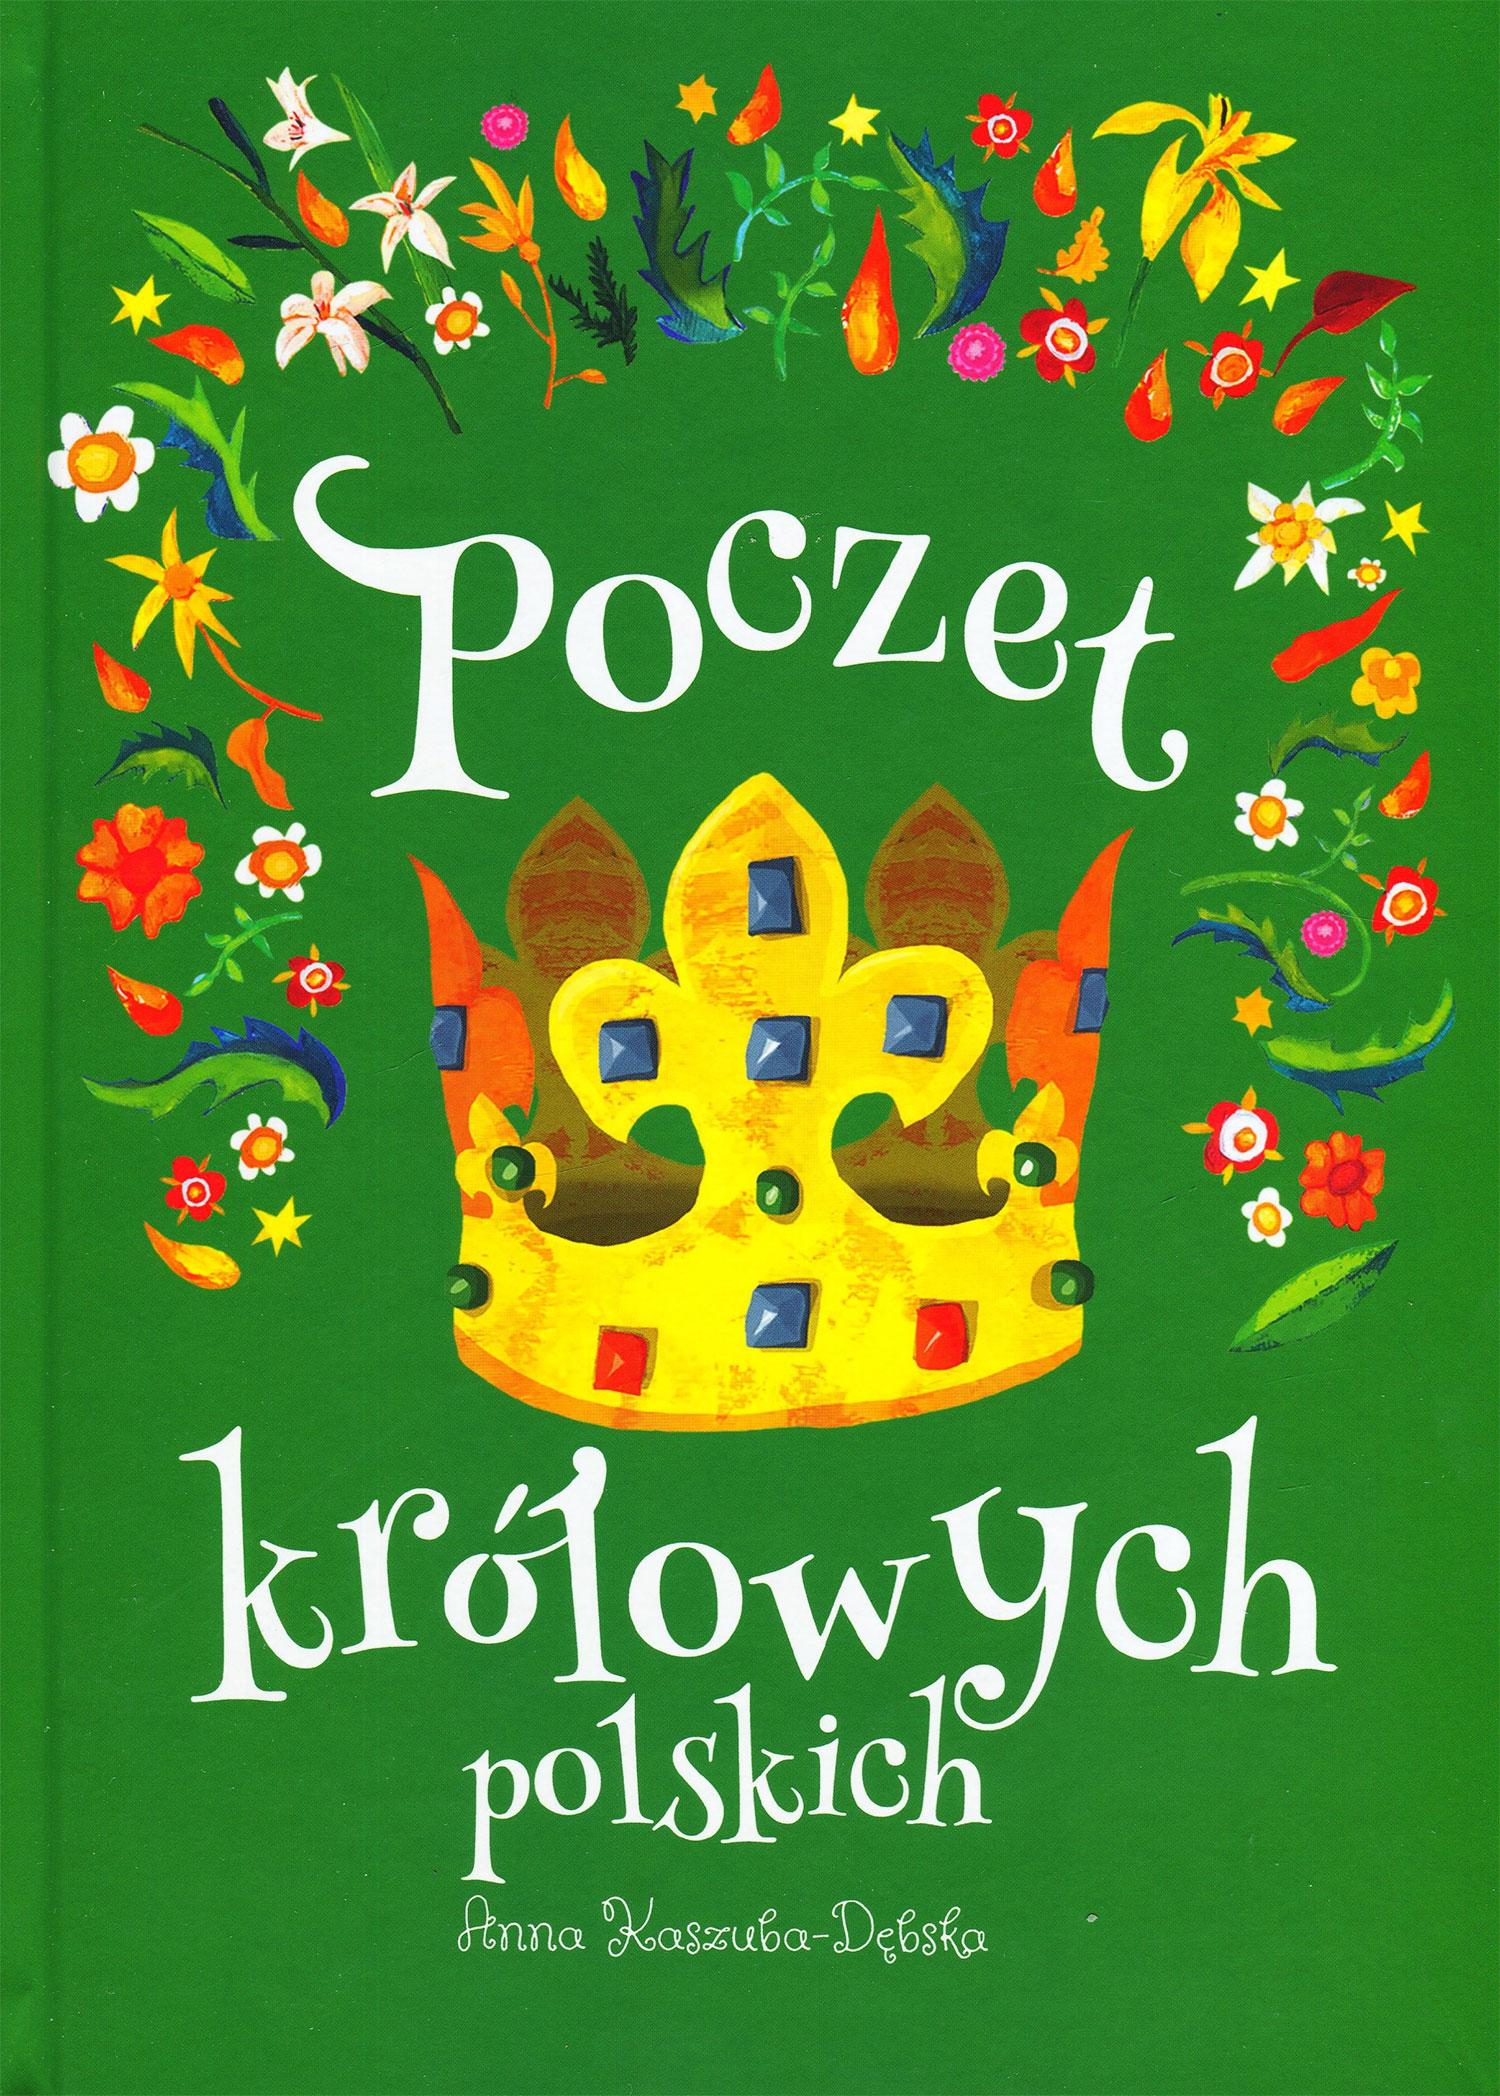 Cover for the book 'Poczet Królowych Polskich' by Anna Kaszuba-Dębska, published by Znak, Cracow 2018.